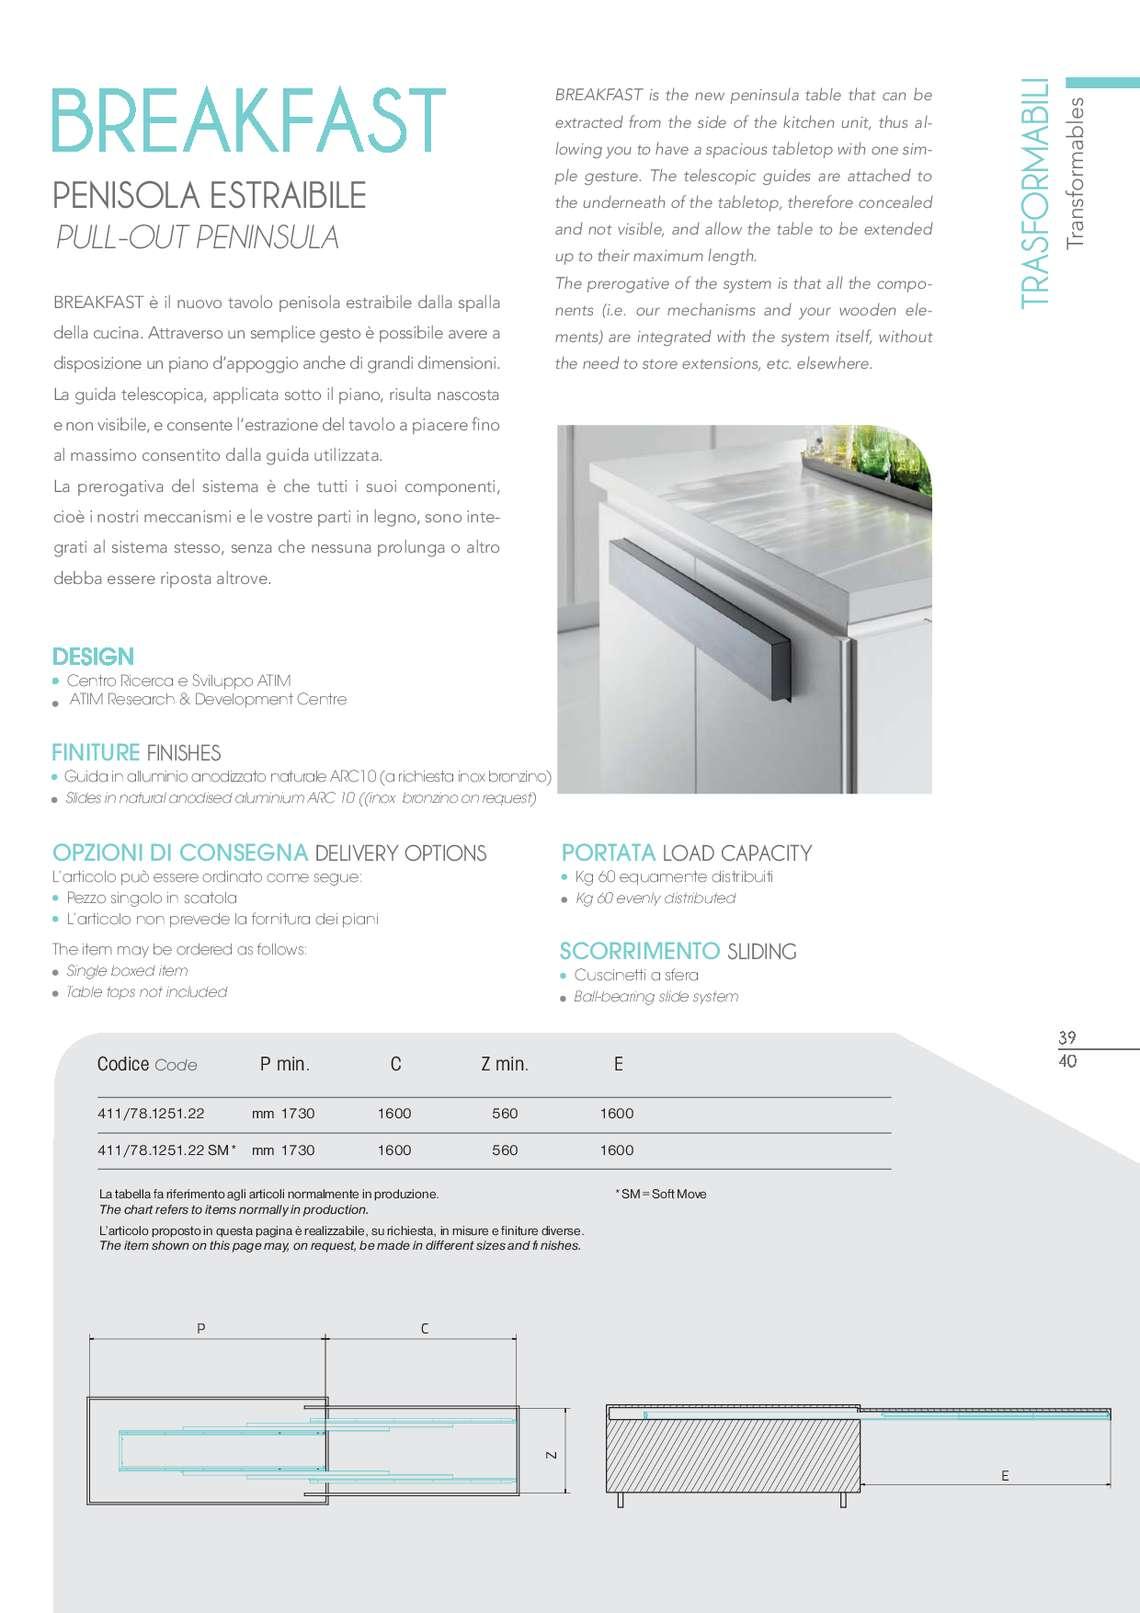 catalogo-trasformabili-atim_22_044.jpg